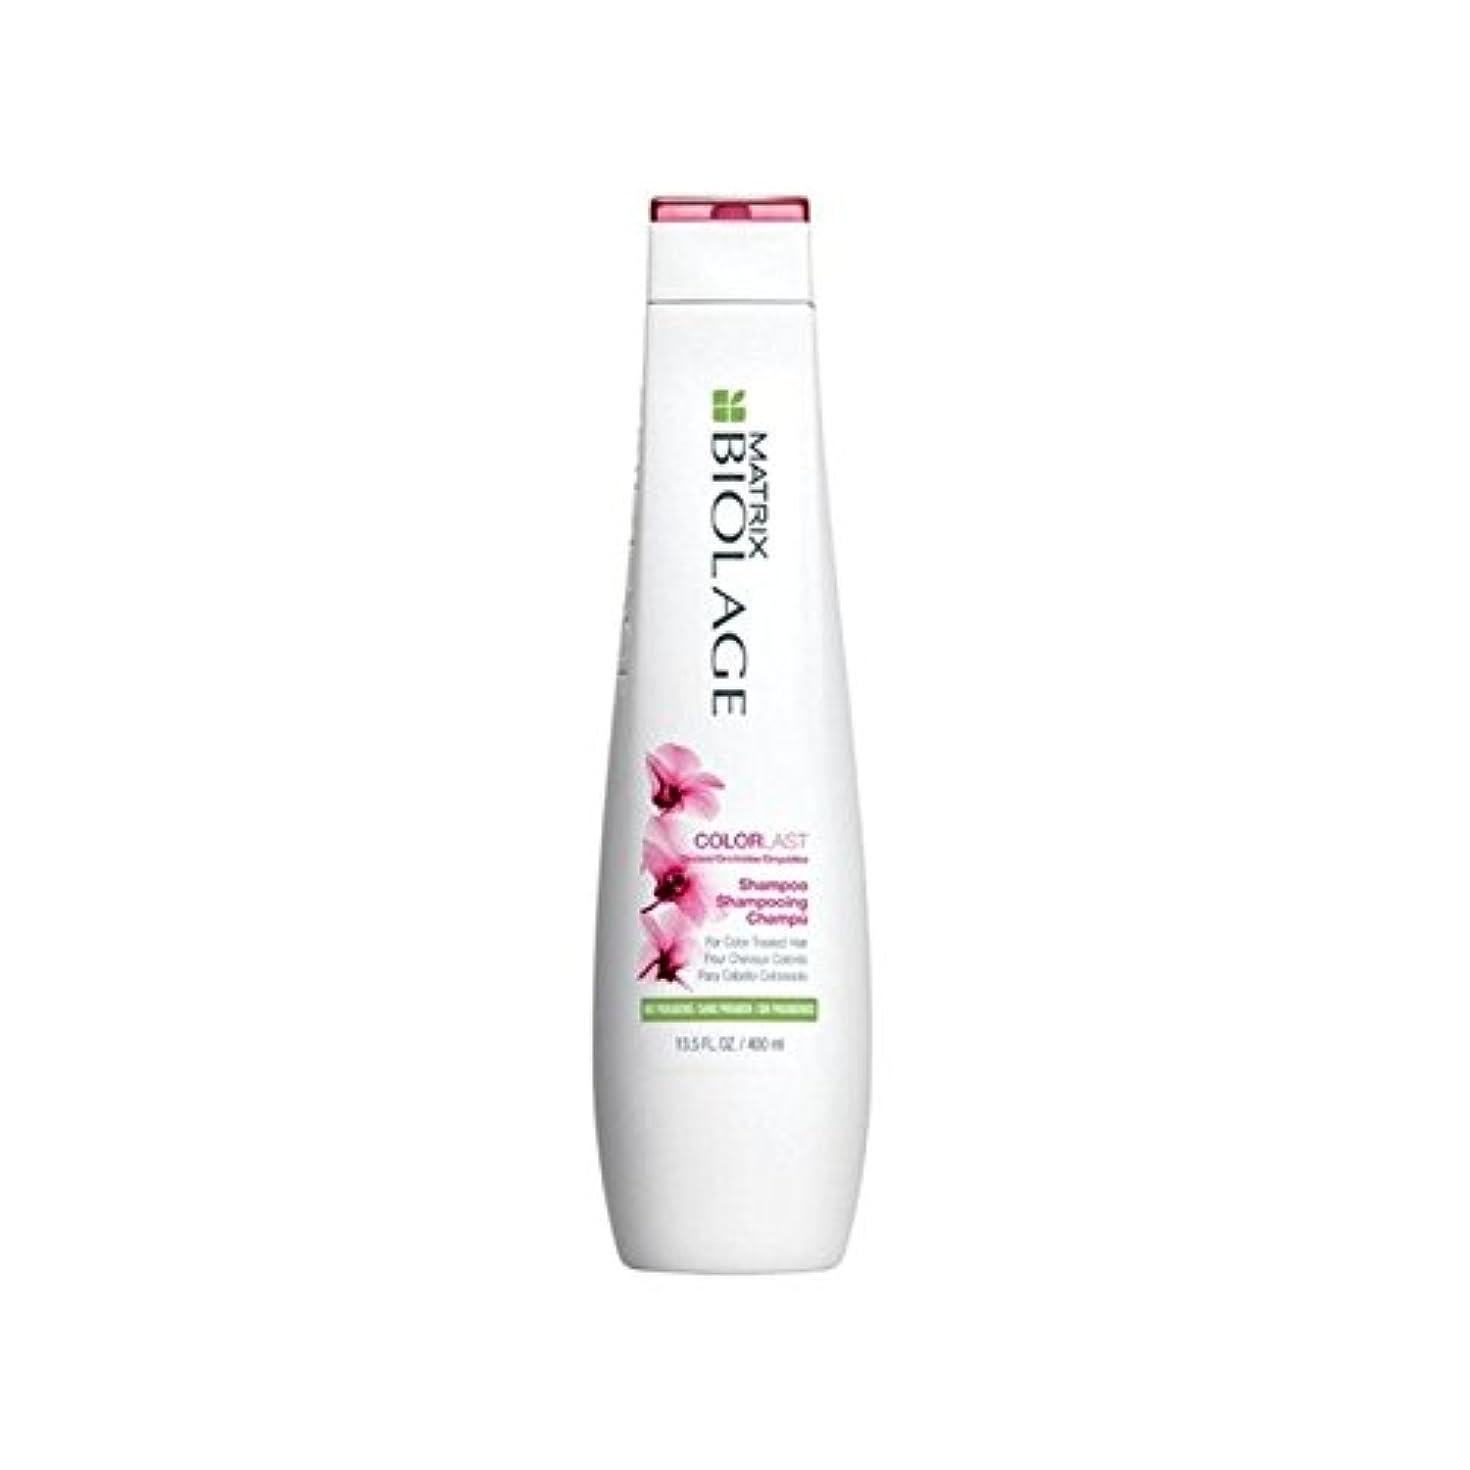 曲げるストラップながらMatrix Biolage Colorlast Shampoo 400ml (Pack of 6) - 行列のバイオレイジシャンプー400ミリリットル x6 [並行輸入品]